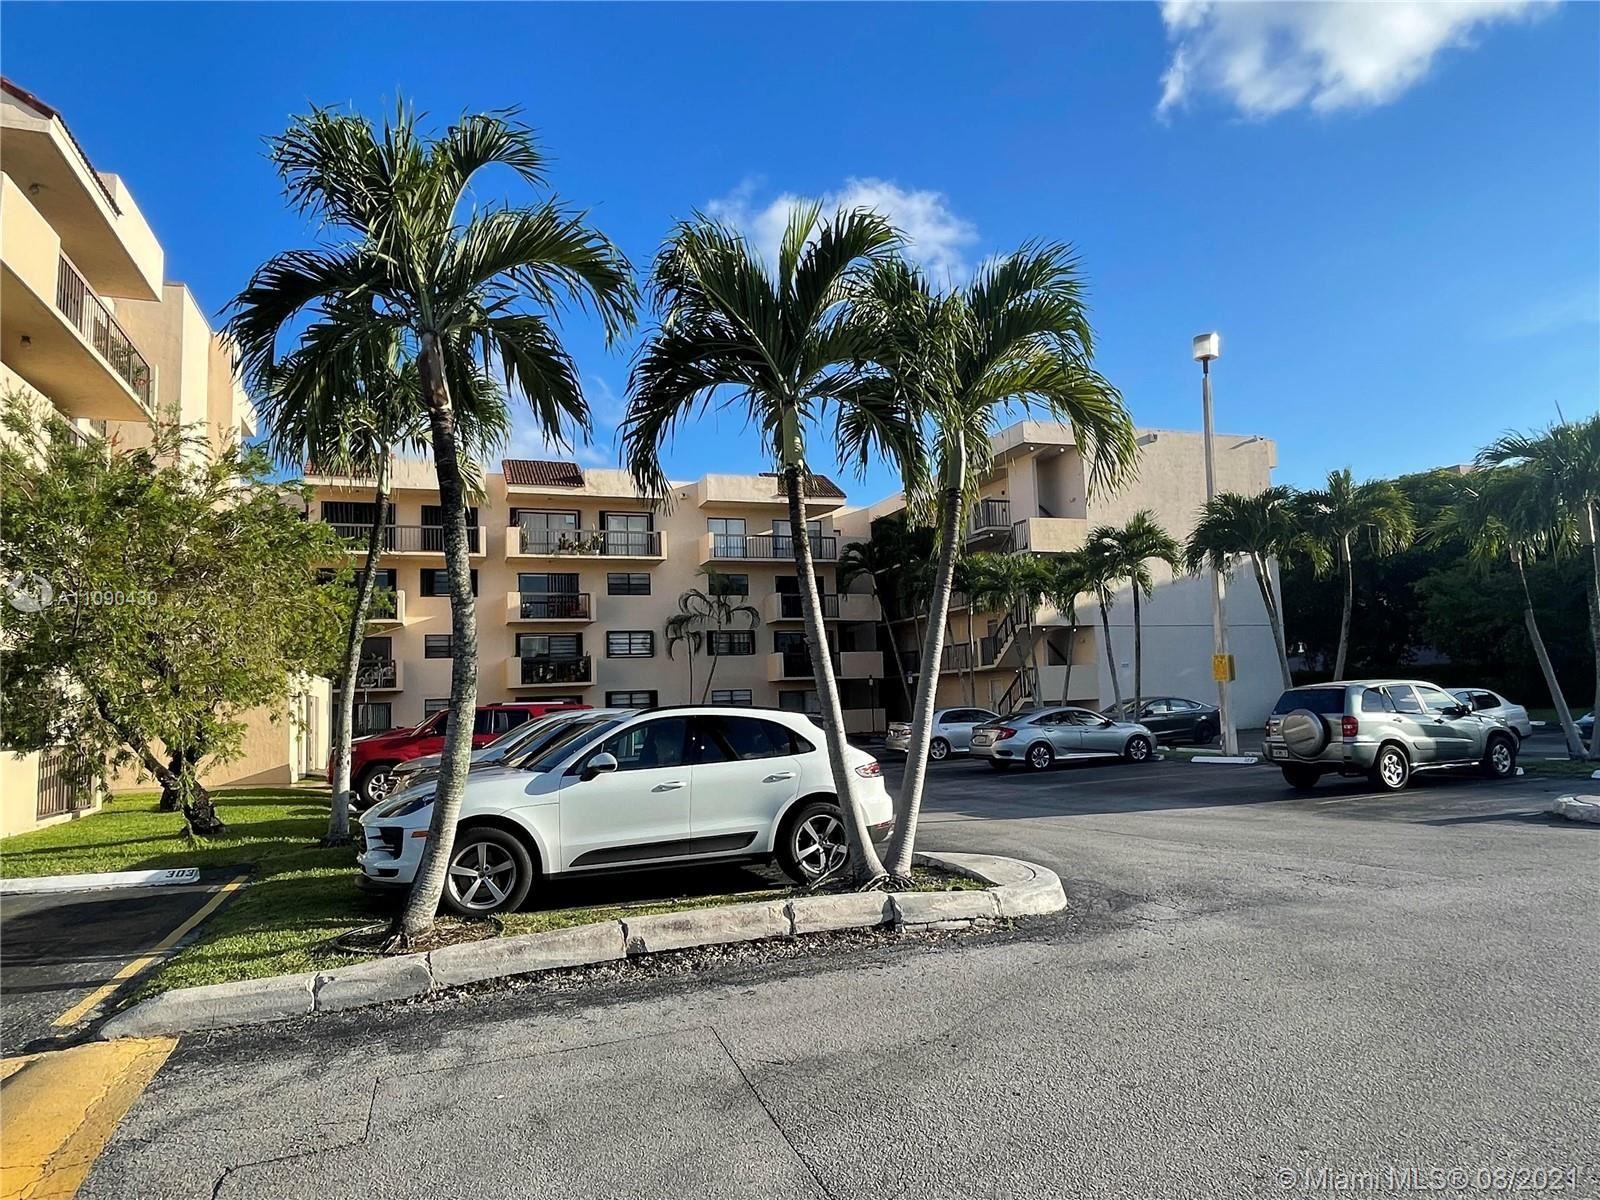 995 SW 84th Ave #303, Miami, FL 33144 - #: A11090430